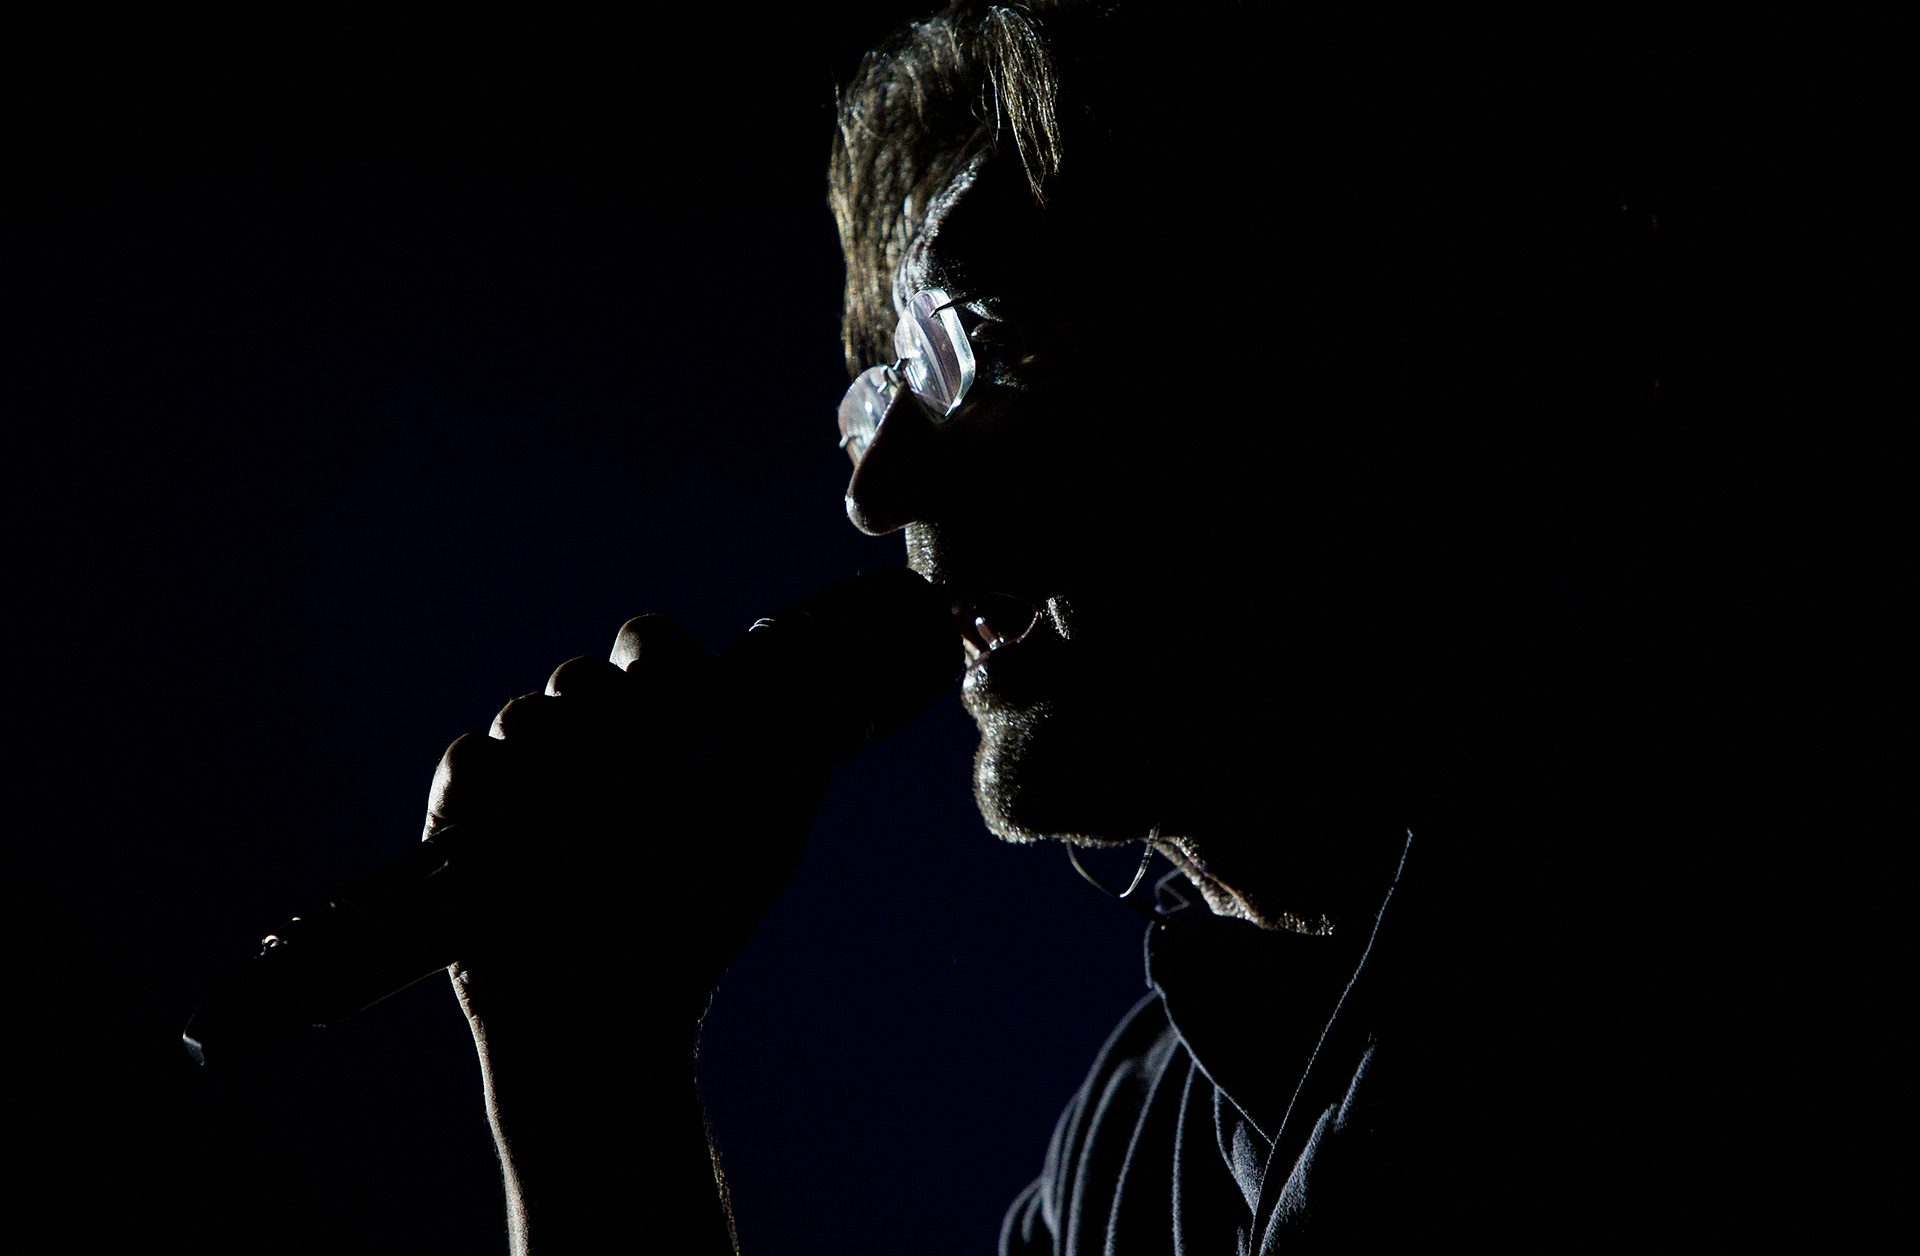 Yuri Shevchuk, DDT-band, Vocals, guitar, Rock, jazz, певец, композитор, поэт, художник, музыкальный продюсер, рок-музыкант, актёр, музыкант, автор-исполнитель, баритон, гитара альт-саксофон, вокал, хард-рок, фолк-рок, джаз-рок, бард-рок, индастриал, экспериментальный рок, авторская песня, блюз, ДДТ, Рок-группа